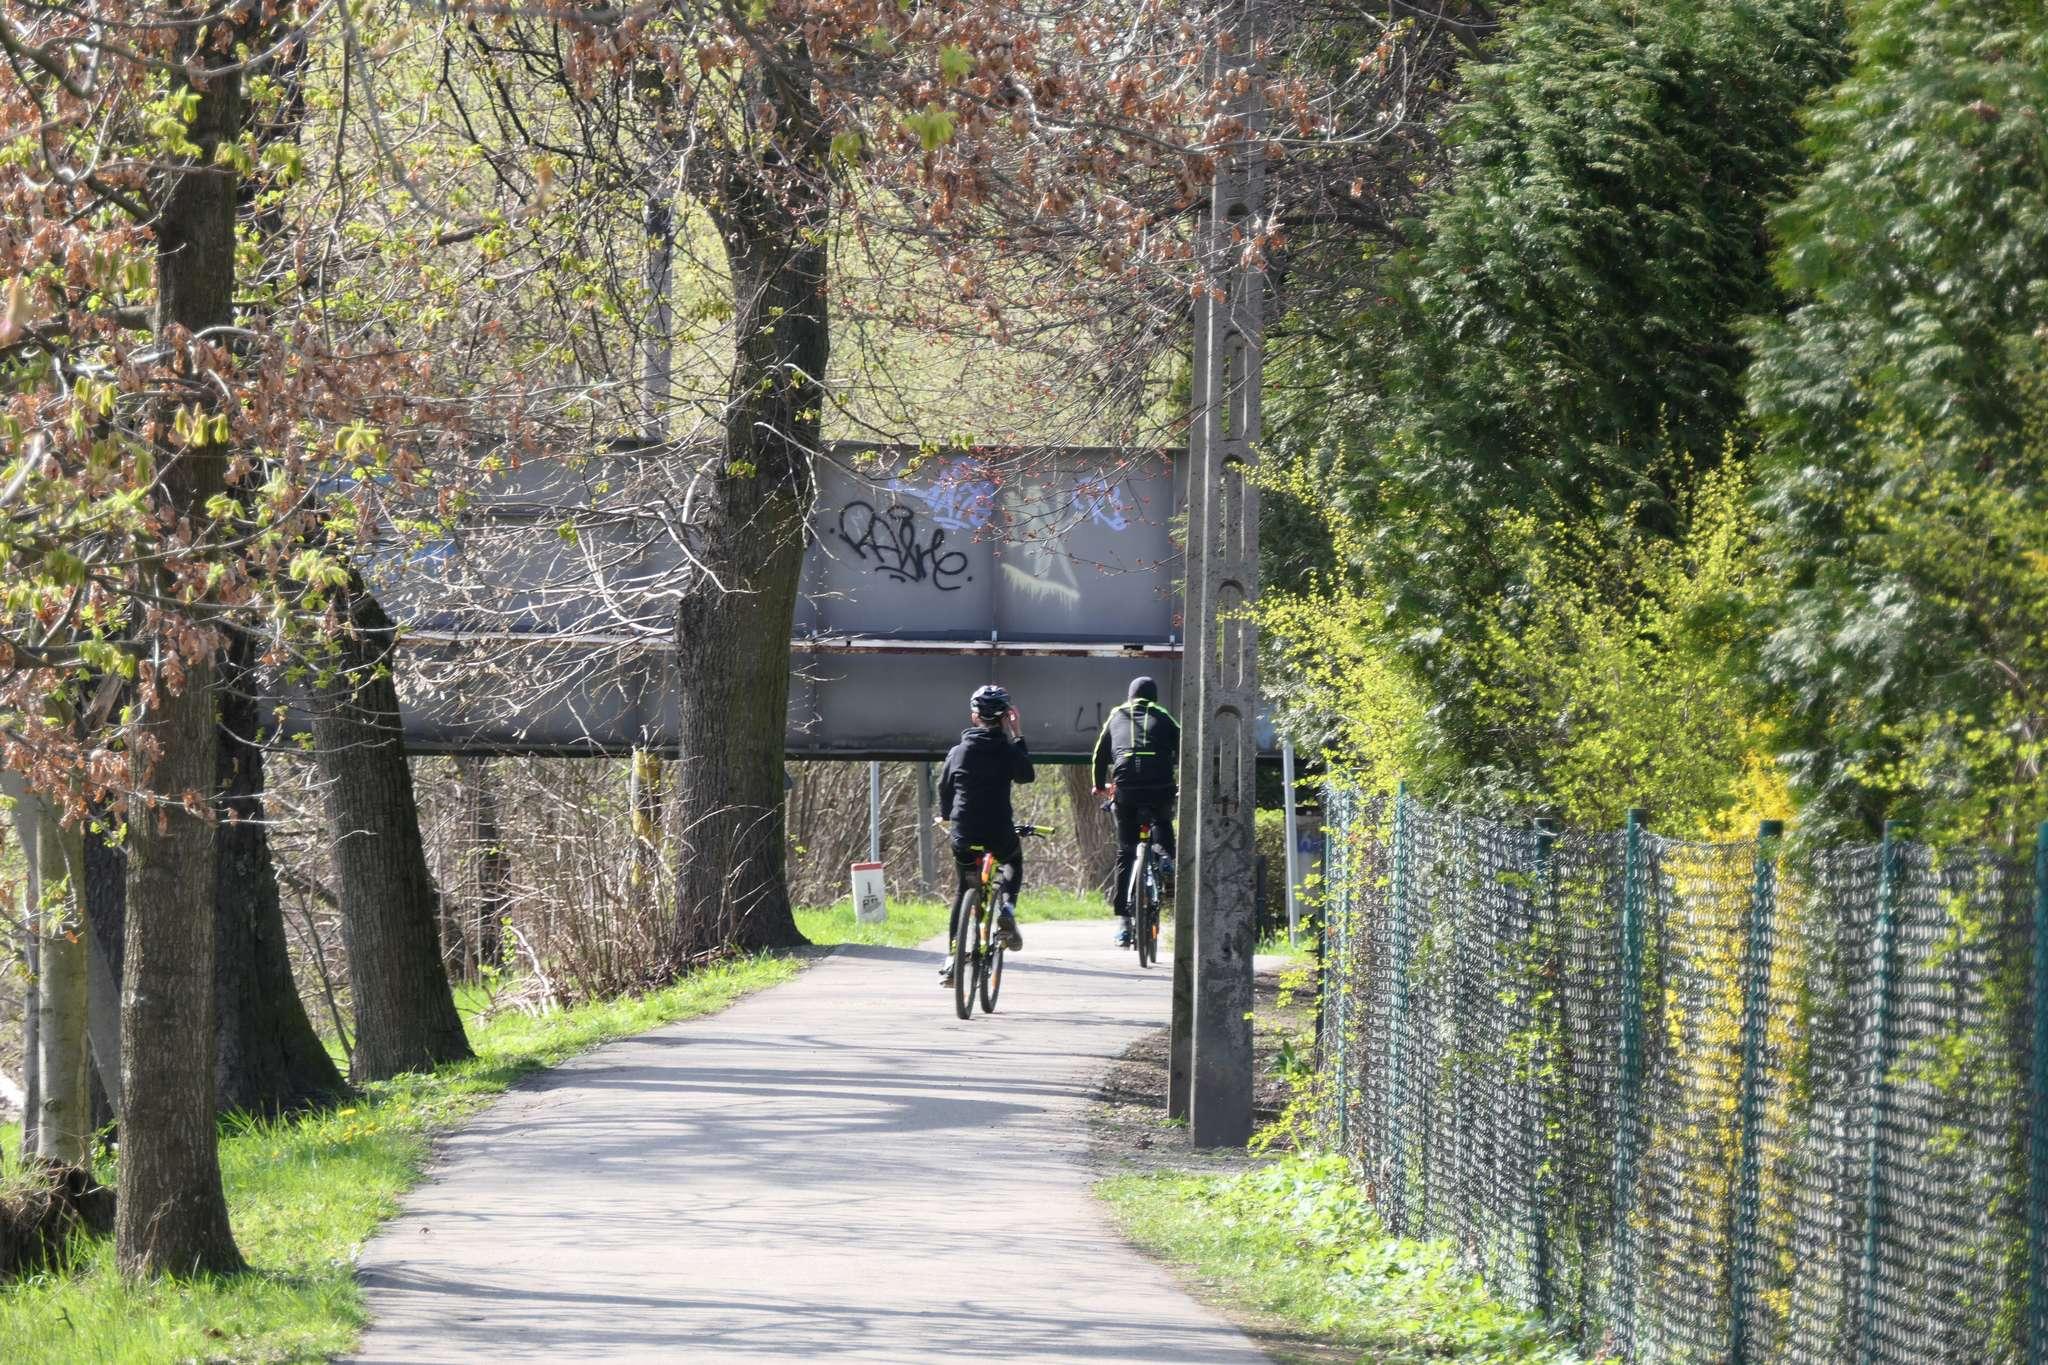 Do mostu kolejowego łączącego Cieszyn z Czeskim Cieszynem prowadzi wygodna i mało uczęszczana przez samochody aleja Piastowska, która następnie przechodzi w ulicę Mała Łąka. Warto wspomnieć, że swego czasu rozważano pomysł, aby wzdłuż mostu kolejowego poprowadzić kładkę dla rowerzystów - doczepienie takiej konstrukcji w stosunku do obciążeń, dla jakich zaprojektowano most, nie byłoby żadnym problemem.